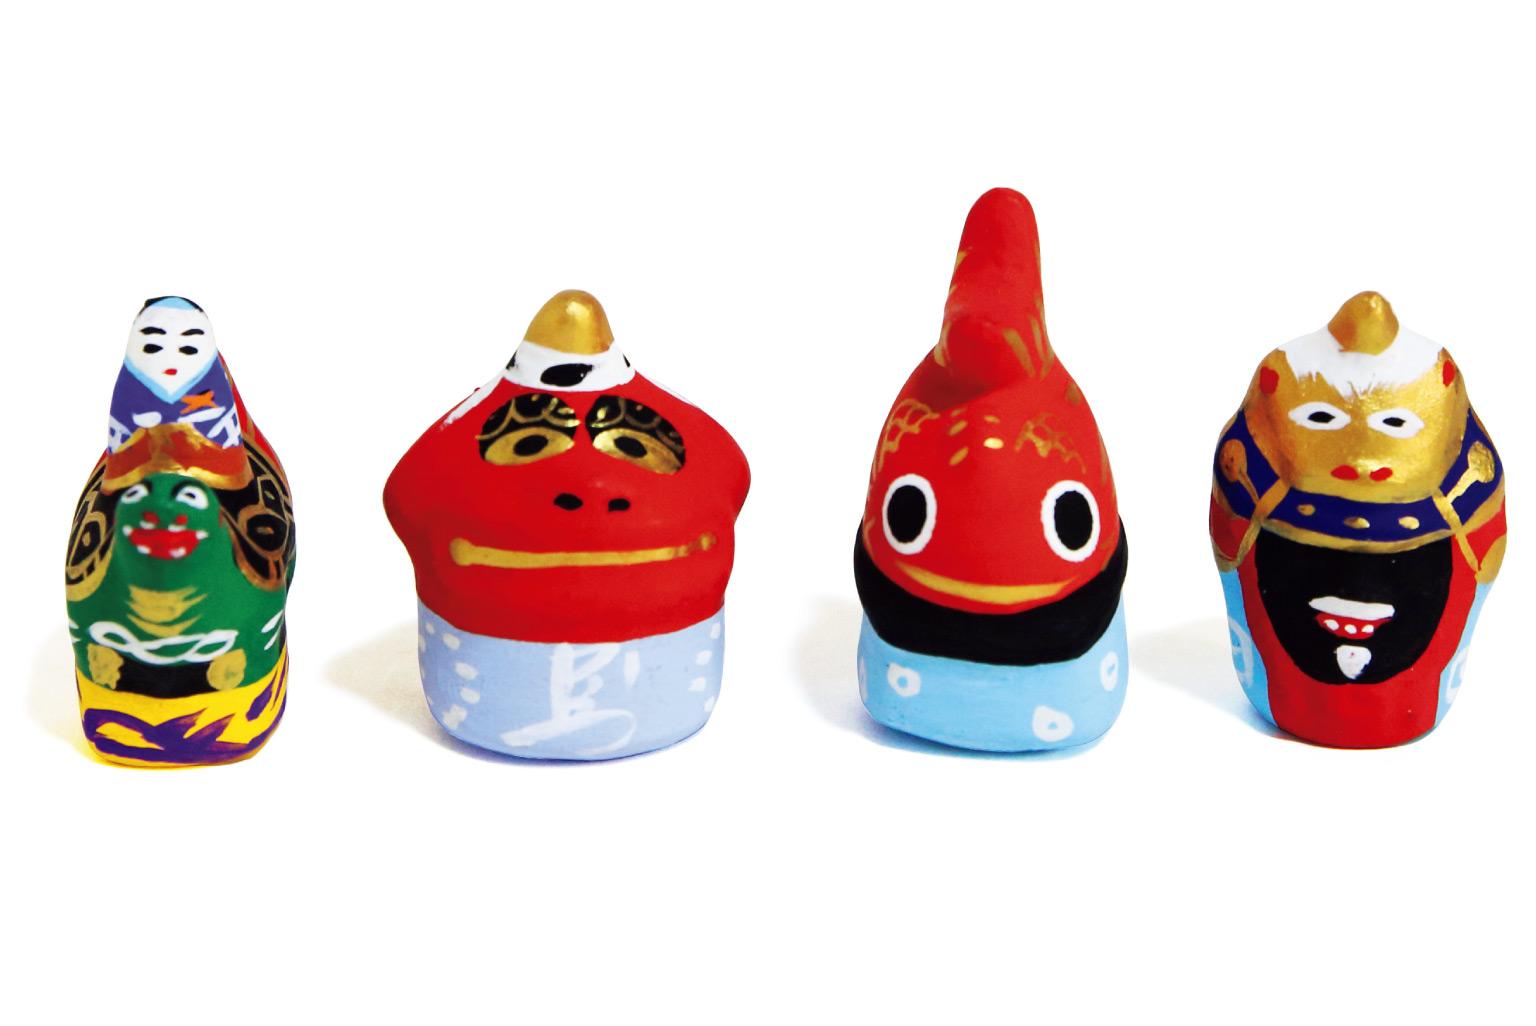 曳山玩具(ミニサイズ)14台セット4,490円(唐津民芸曳山☎0955・74・0526)。